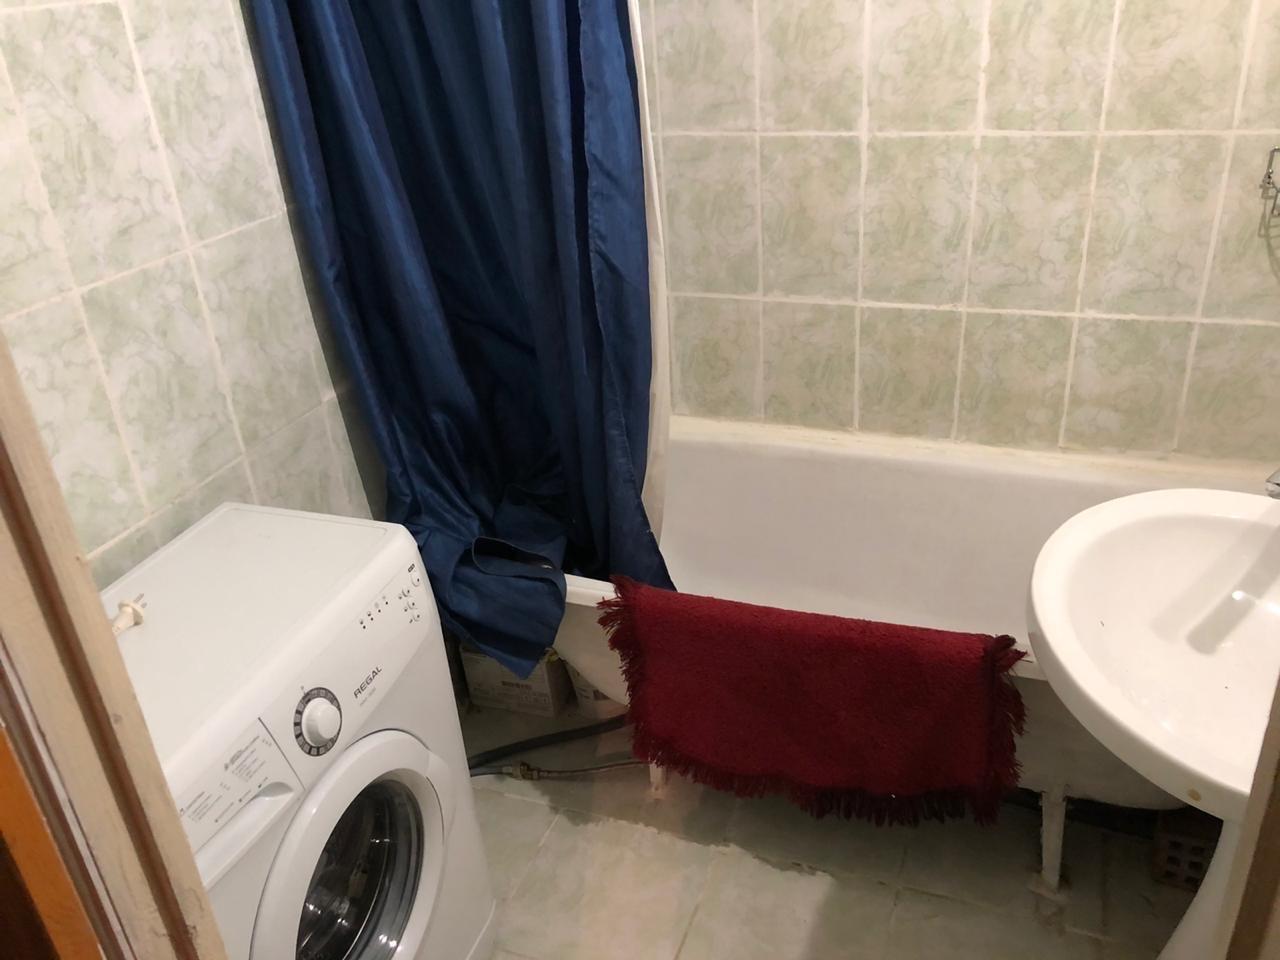 Квартира, 2 комнаты, 60 м² в Котельниках 89175341747 купить 8